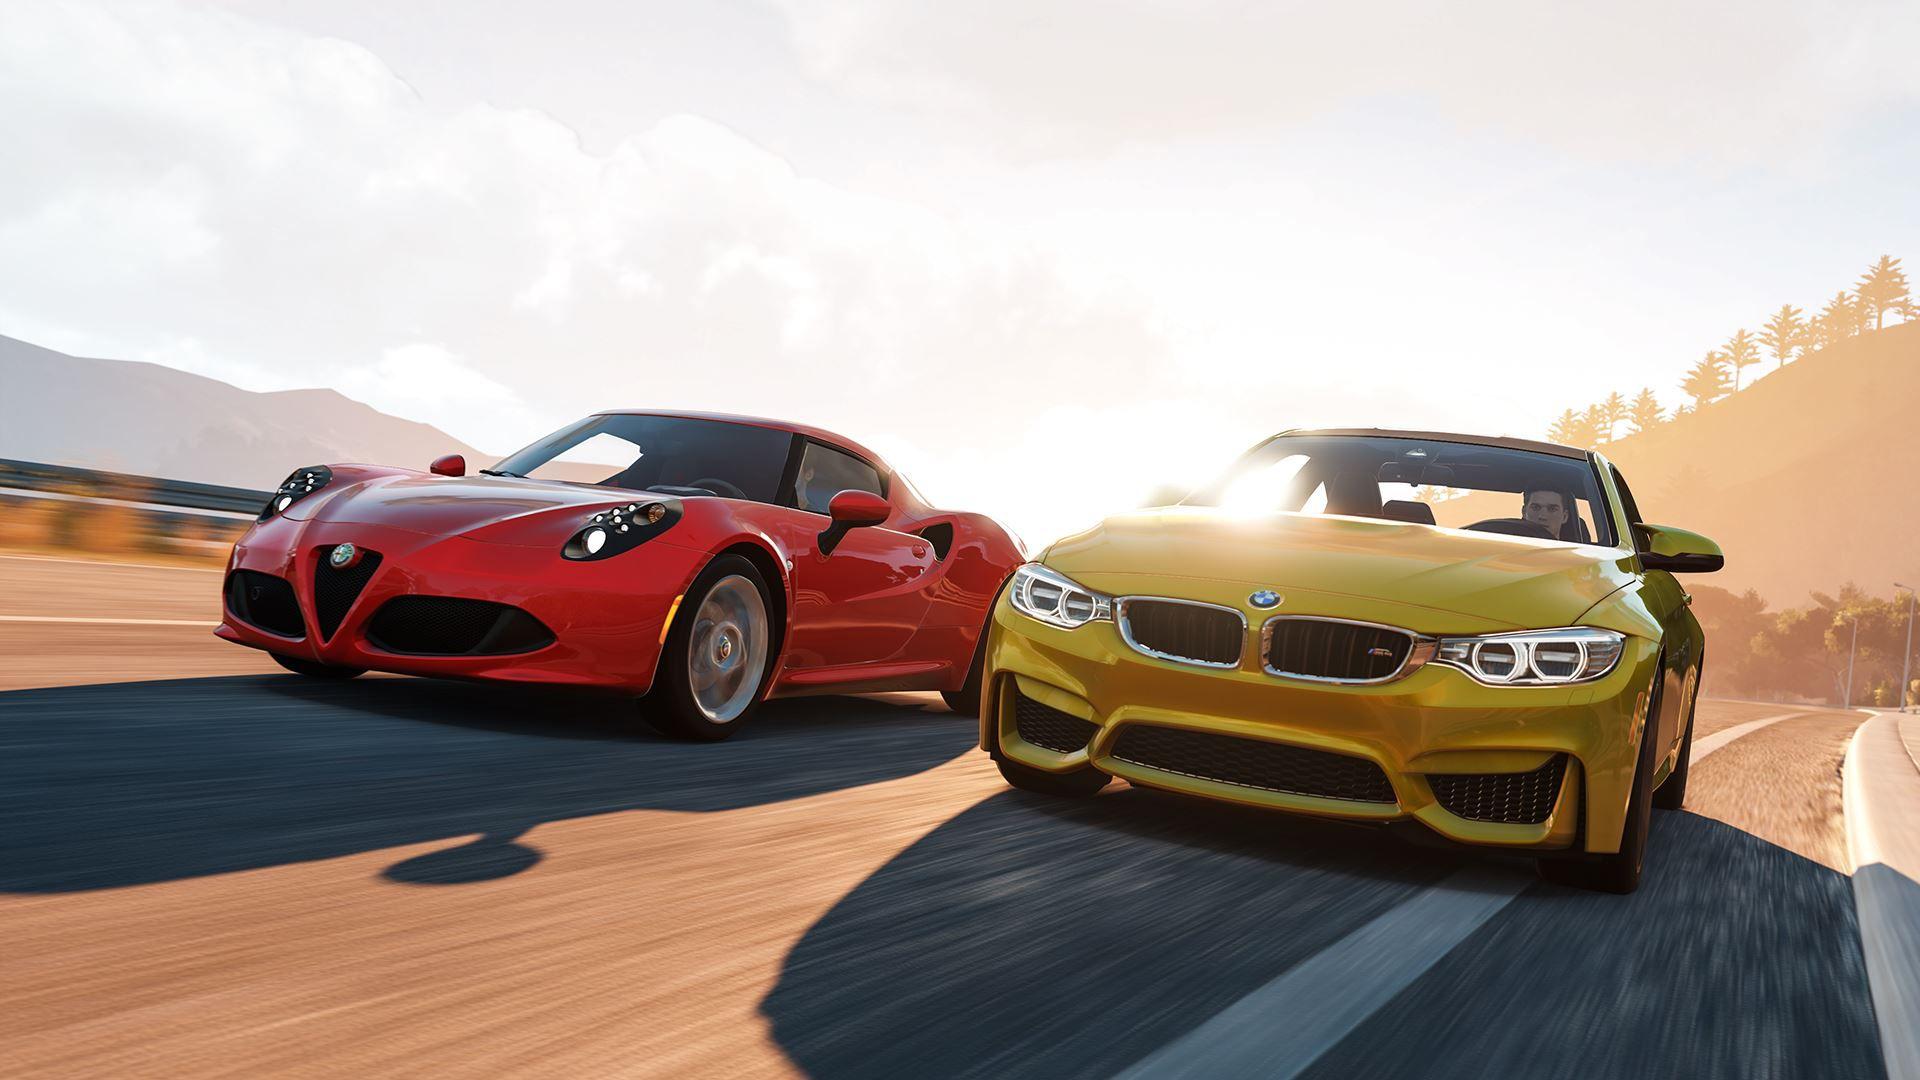 Hot Wheels Ad On To Forza Horizon  Cars